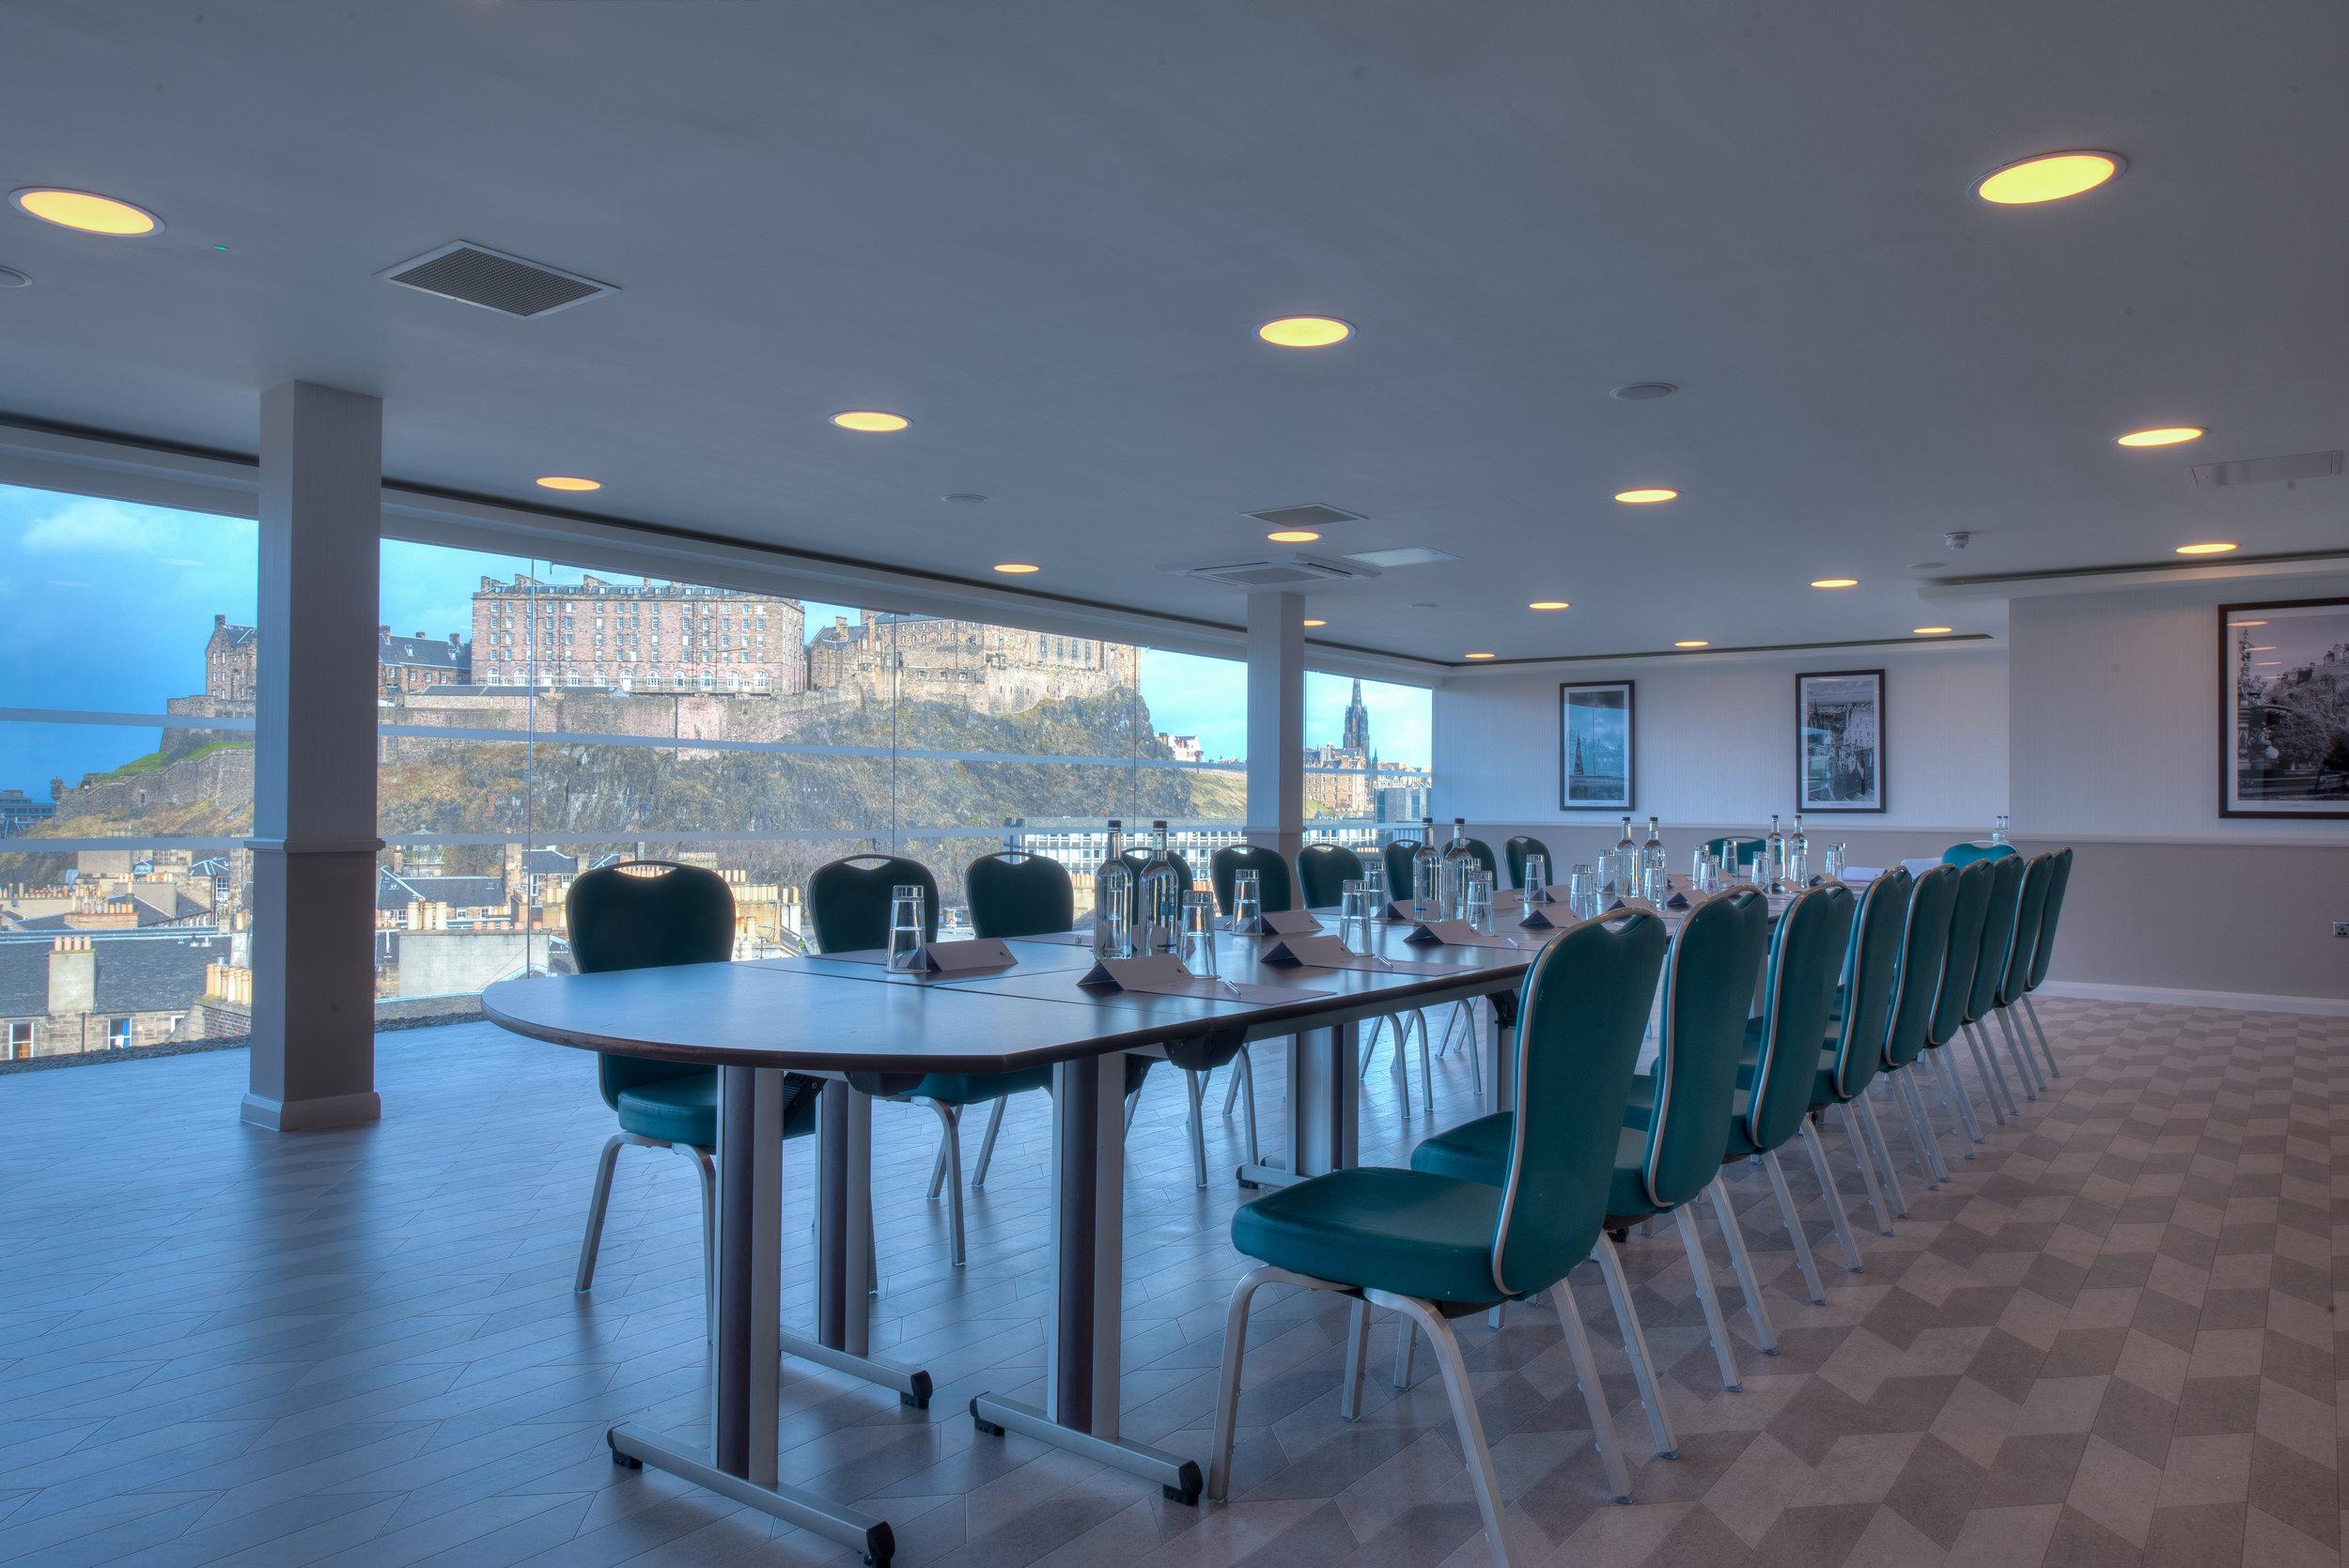 Penthouse Boardroom.jpg